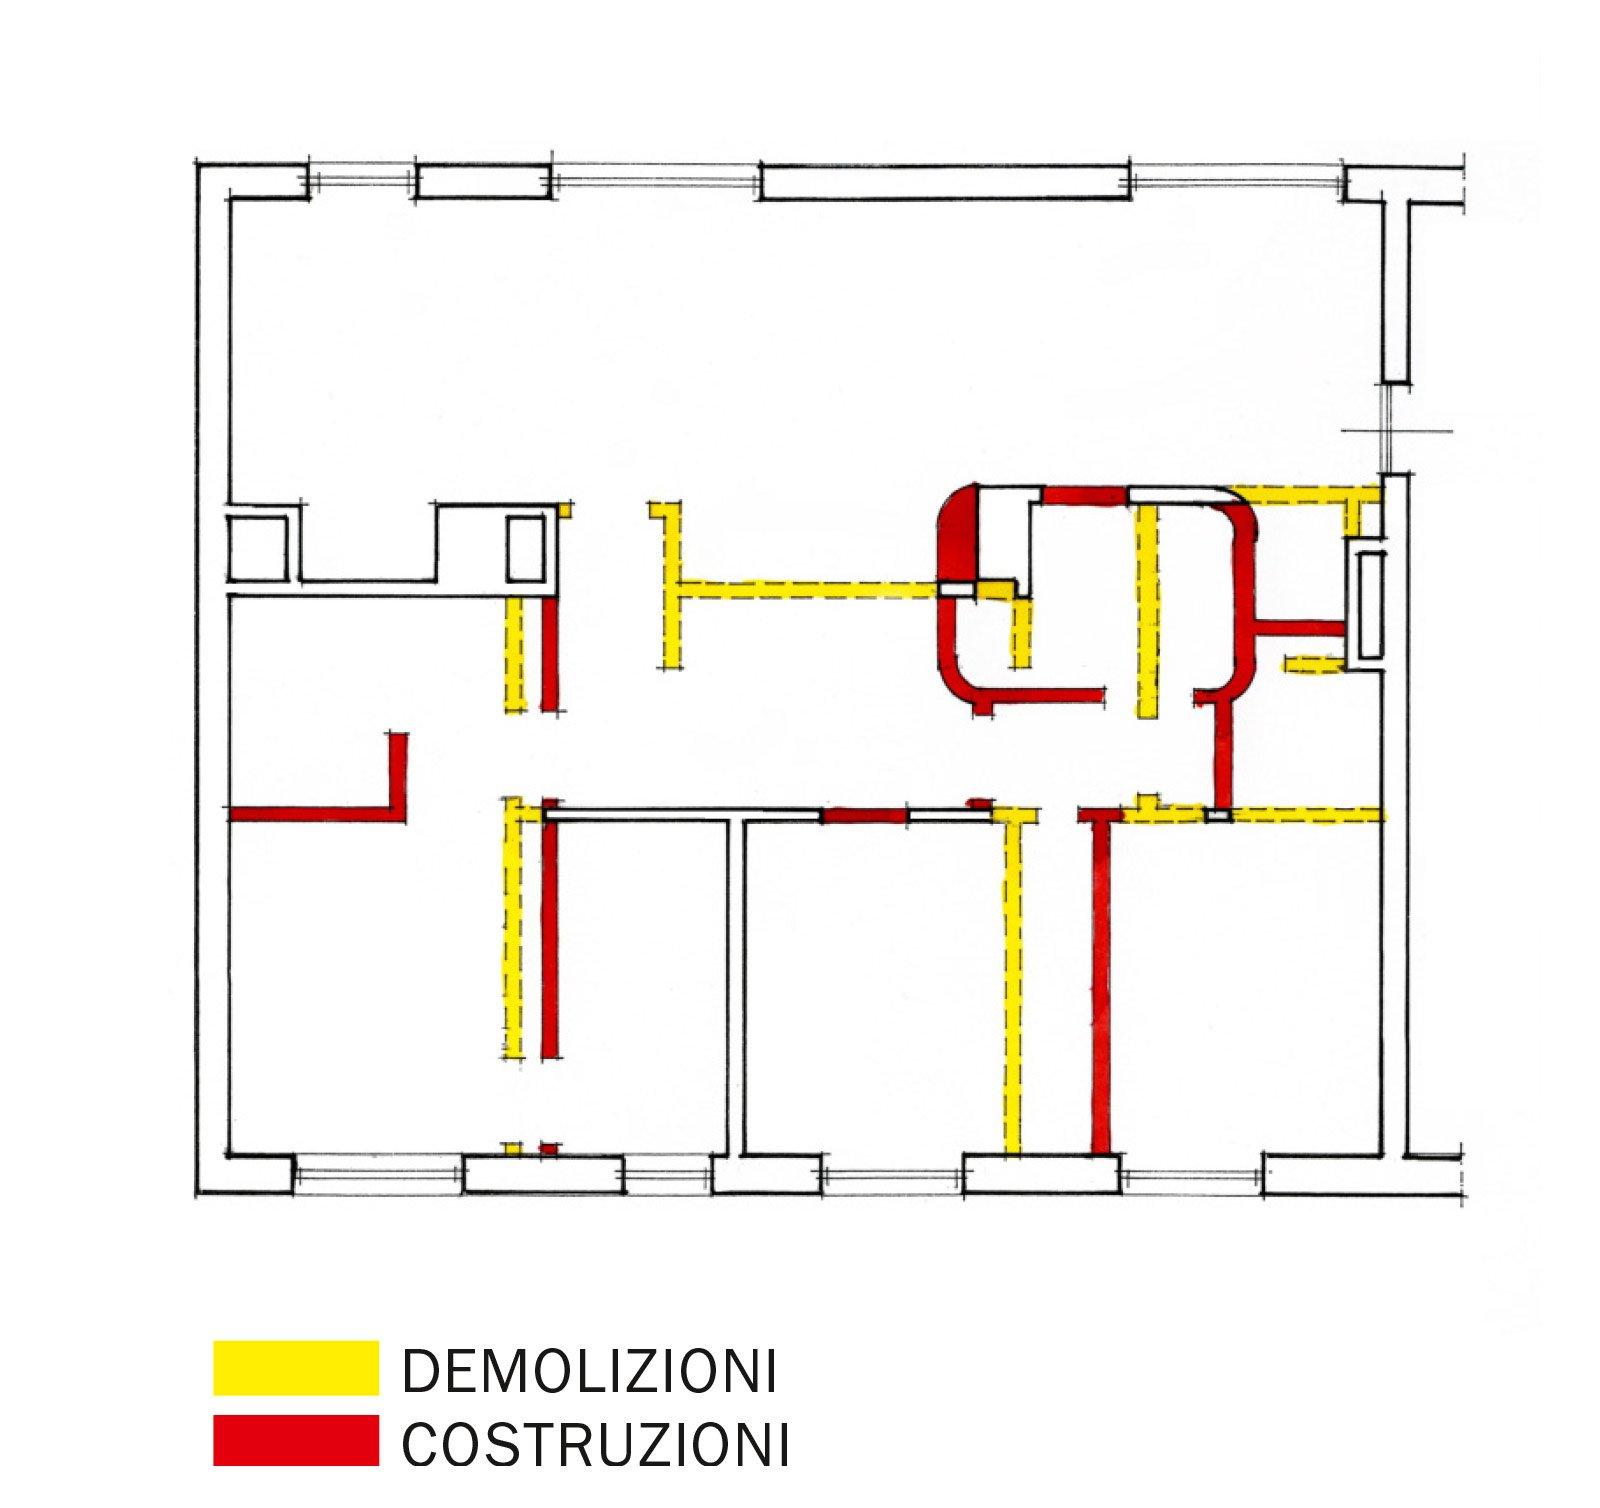 Suddivisioni ottimizzate per la casa di meno di 100 mq - Divano angolare misure minime ...